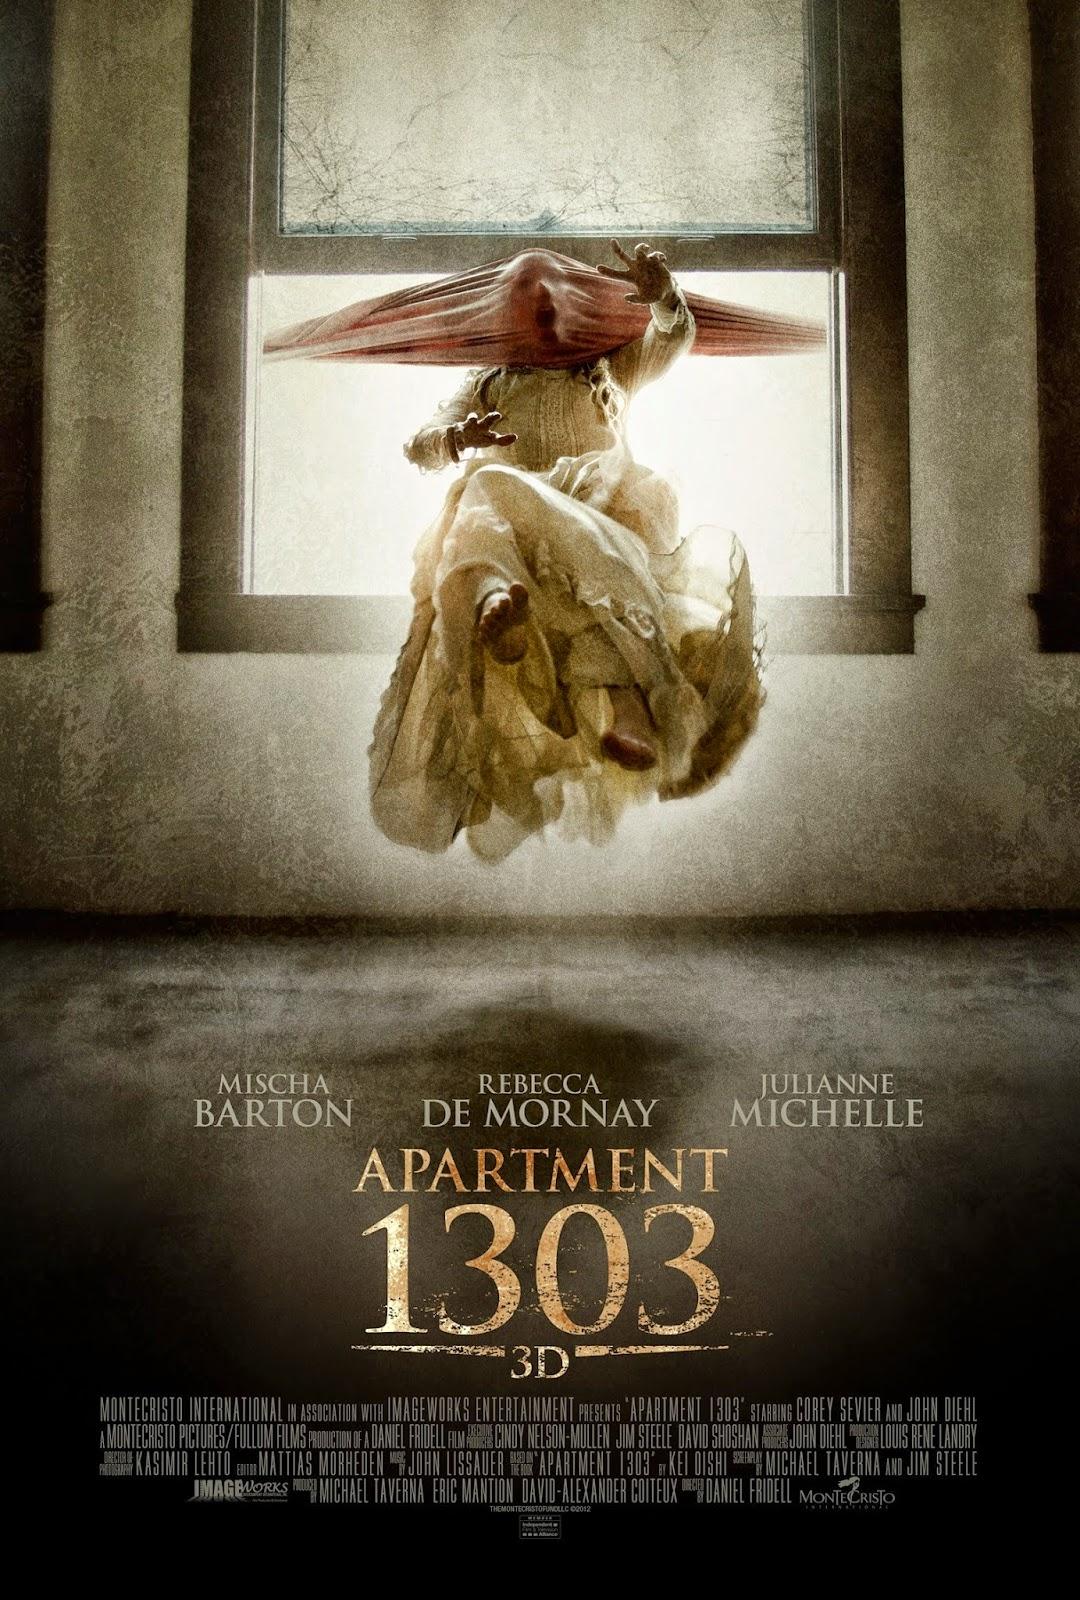 APARTMENT 1303 2012 ταινιες online seires oipeirates greek subs